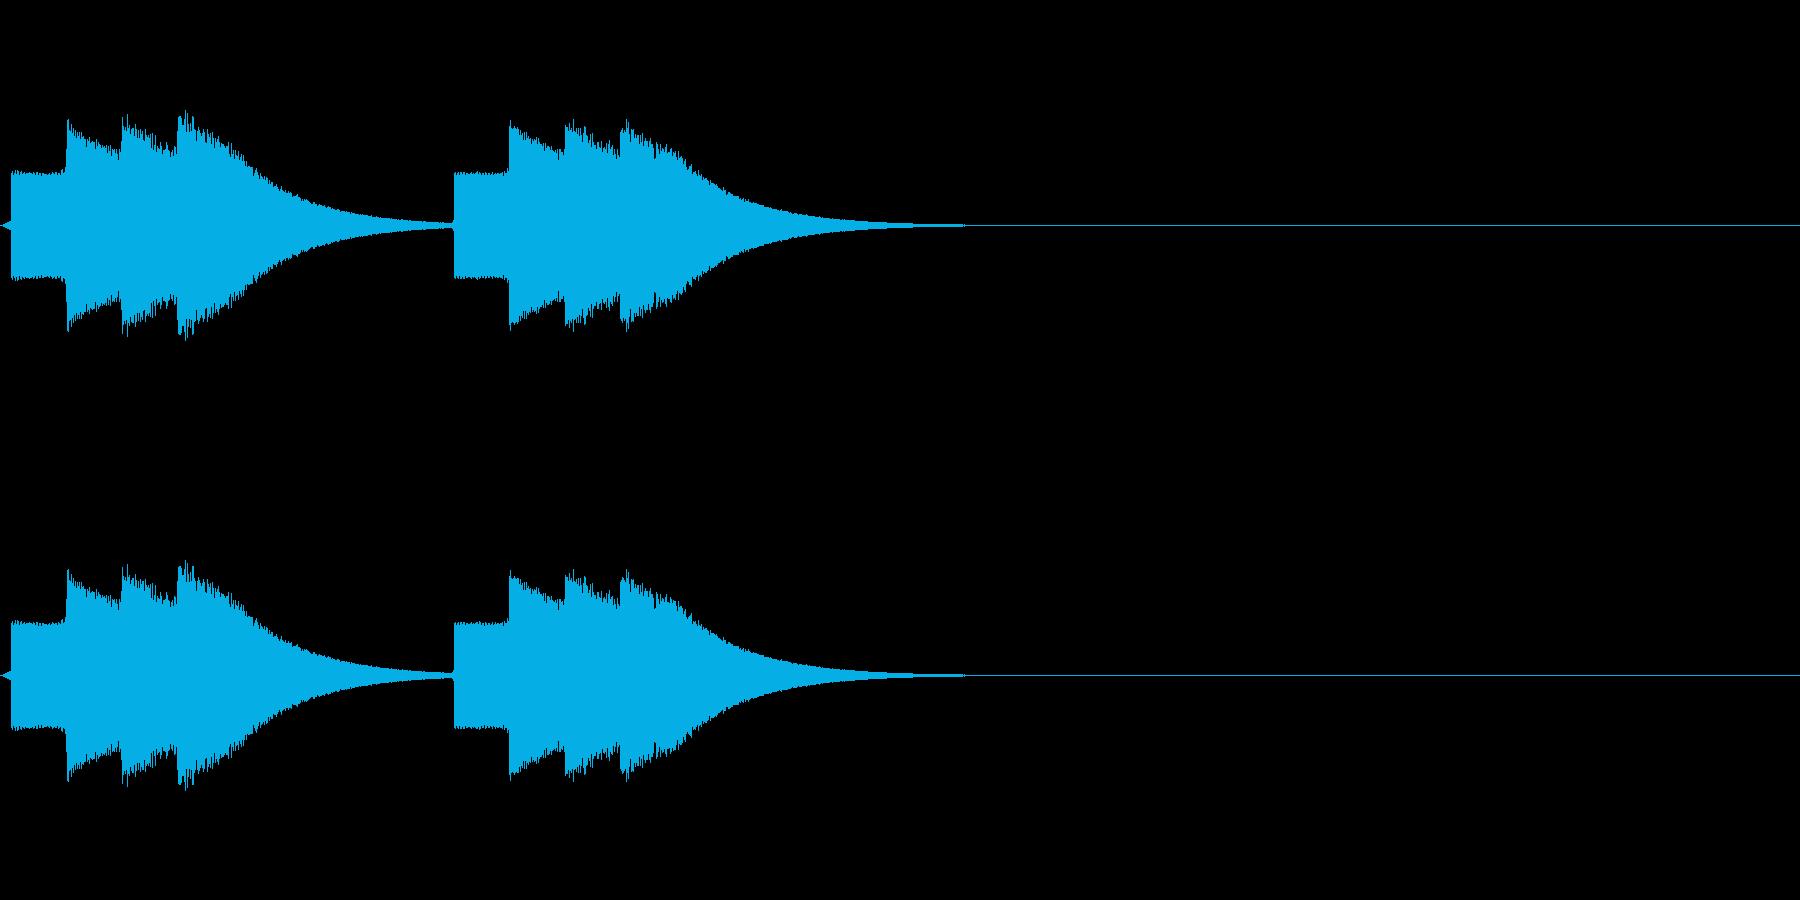 速報テロップ風の音(ティロリロン)の再生済みの波形